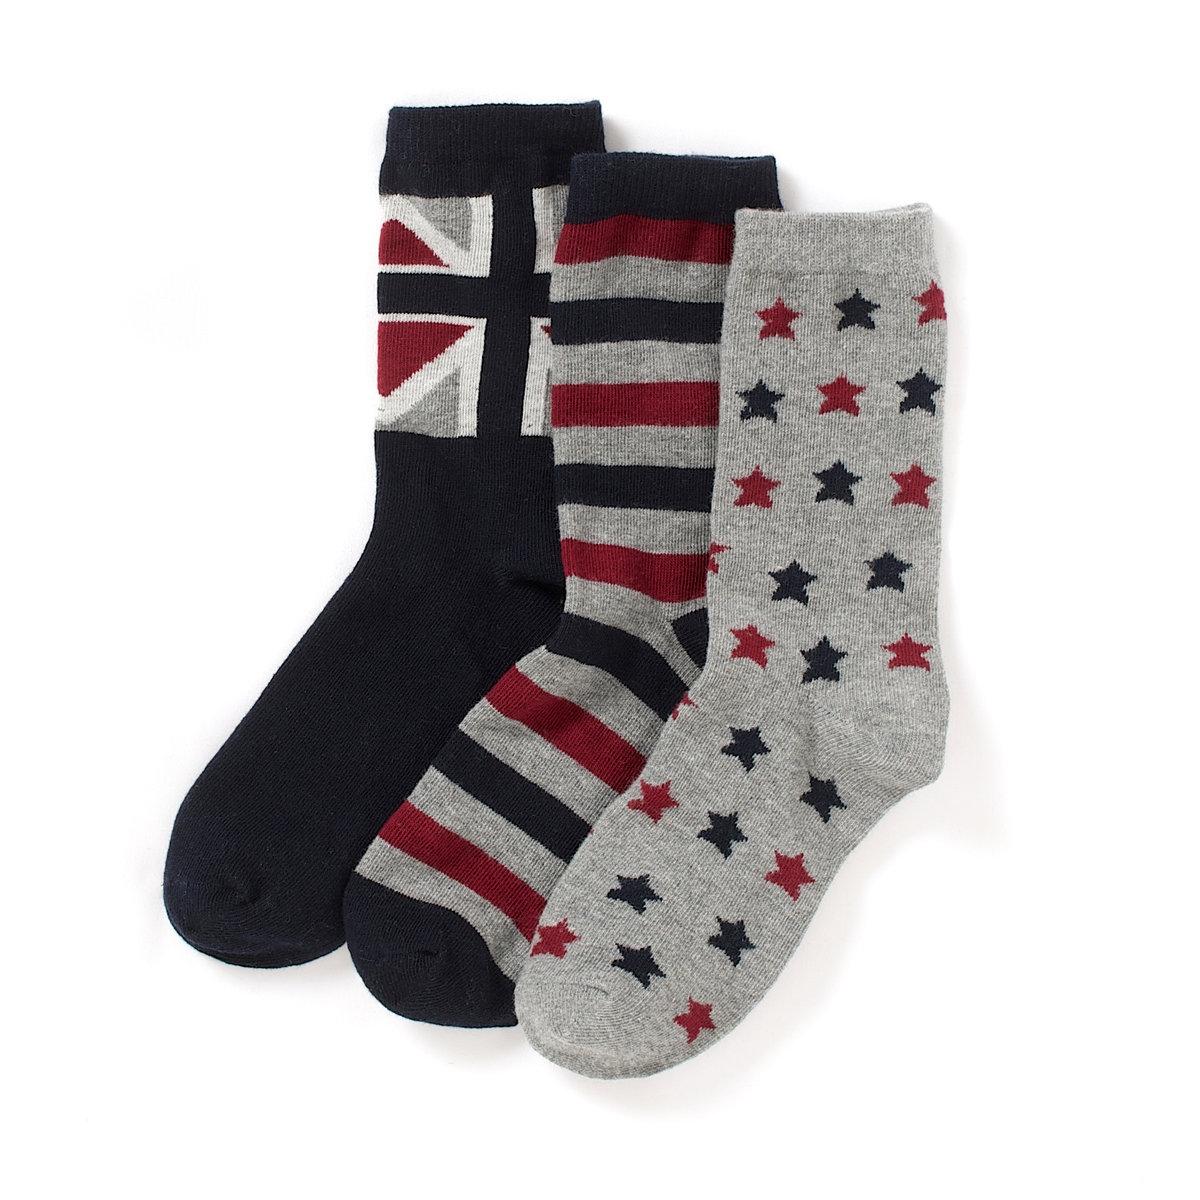 Комплект из 3 пар оригинальных носковОригинальные носки. В комплекте 3 пары: 1 пара с рисунком звезды, 1 пара в полоску и 1 пара с рисунком английский флаг.  Состав и описание : Материал       77% хлопка, 21% полиамида, 2% эластанаМарка       abcdRУход :Машинная стирка при 30 °C с вещами схожих цветов.Стирать с изнаночной стороны.Машинная сушка запрещена.Не гладить.<br><br>Цвет: серый меланж + красный + темно-синий<br>Размер: 23/26.27/30